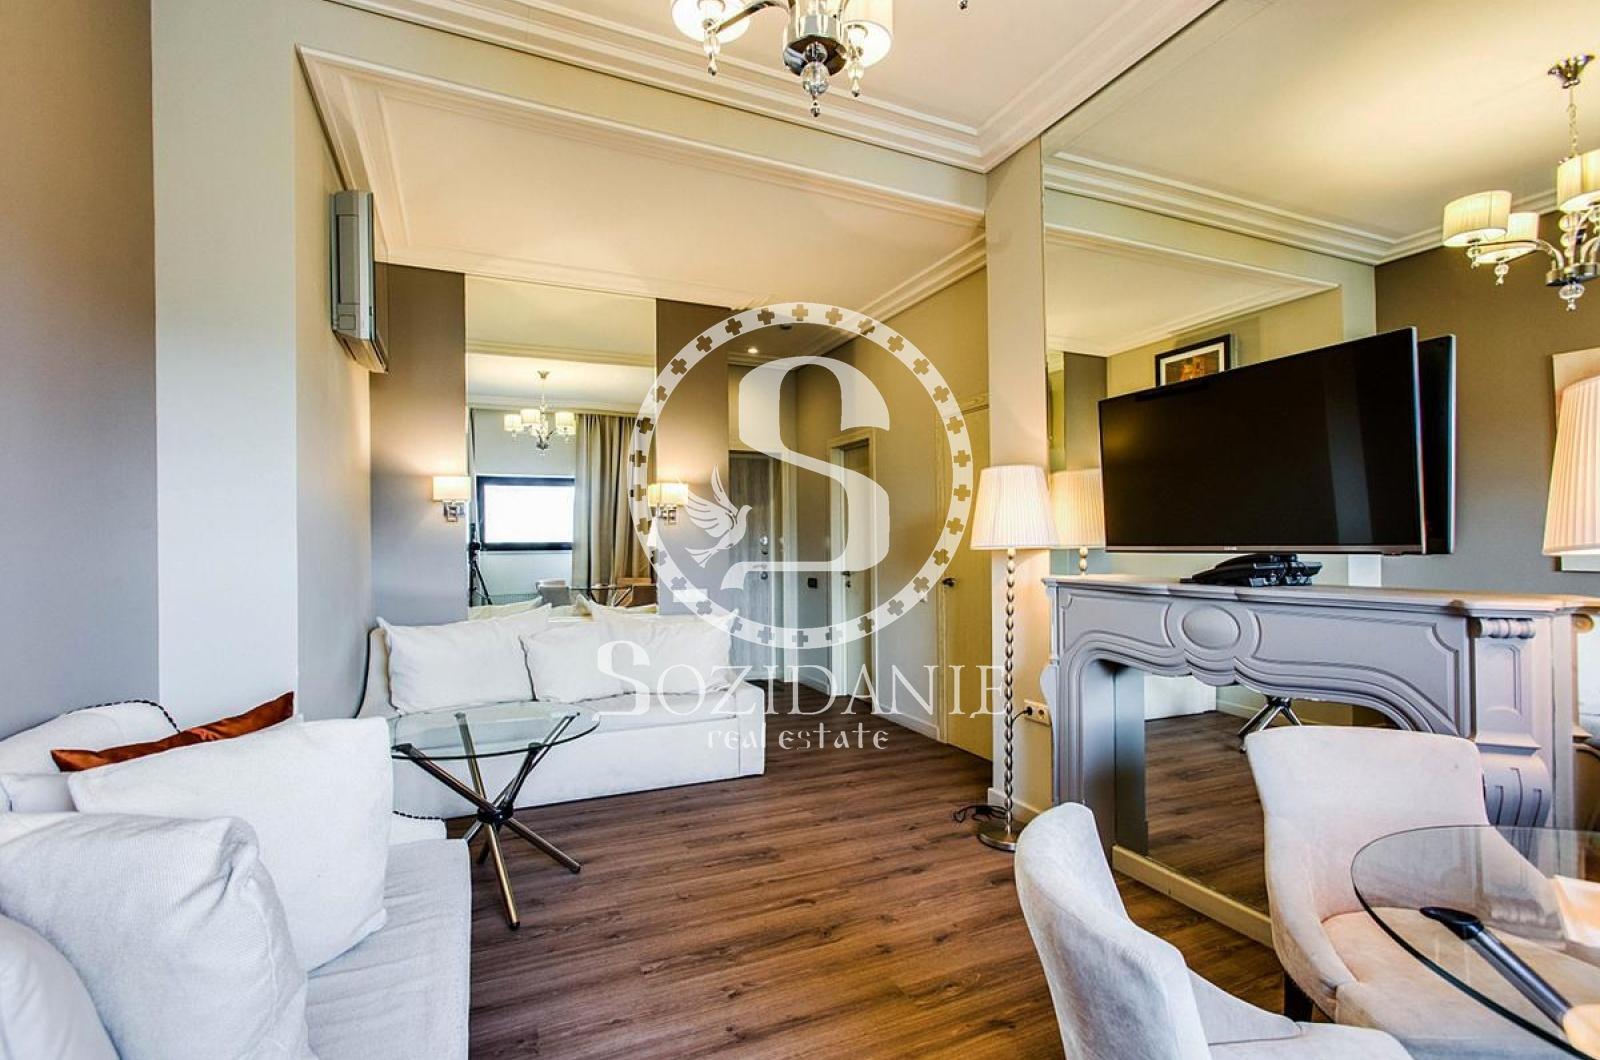 2 Комнаты, Городская, Продажа, Улица Большая Никитская, Listing ID 3462, Москва, Россия,